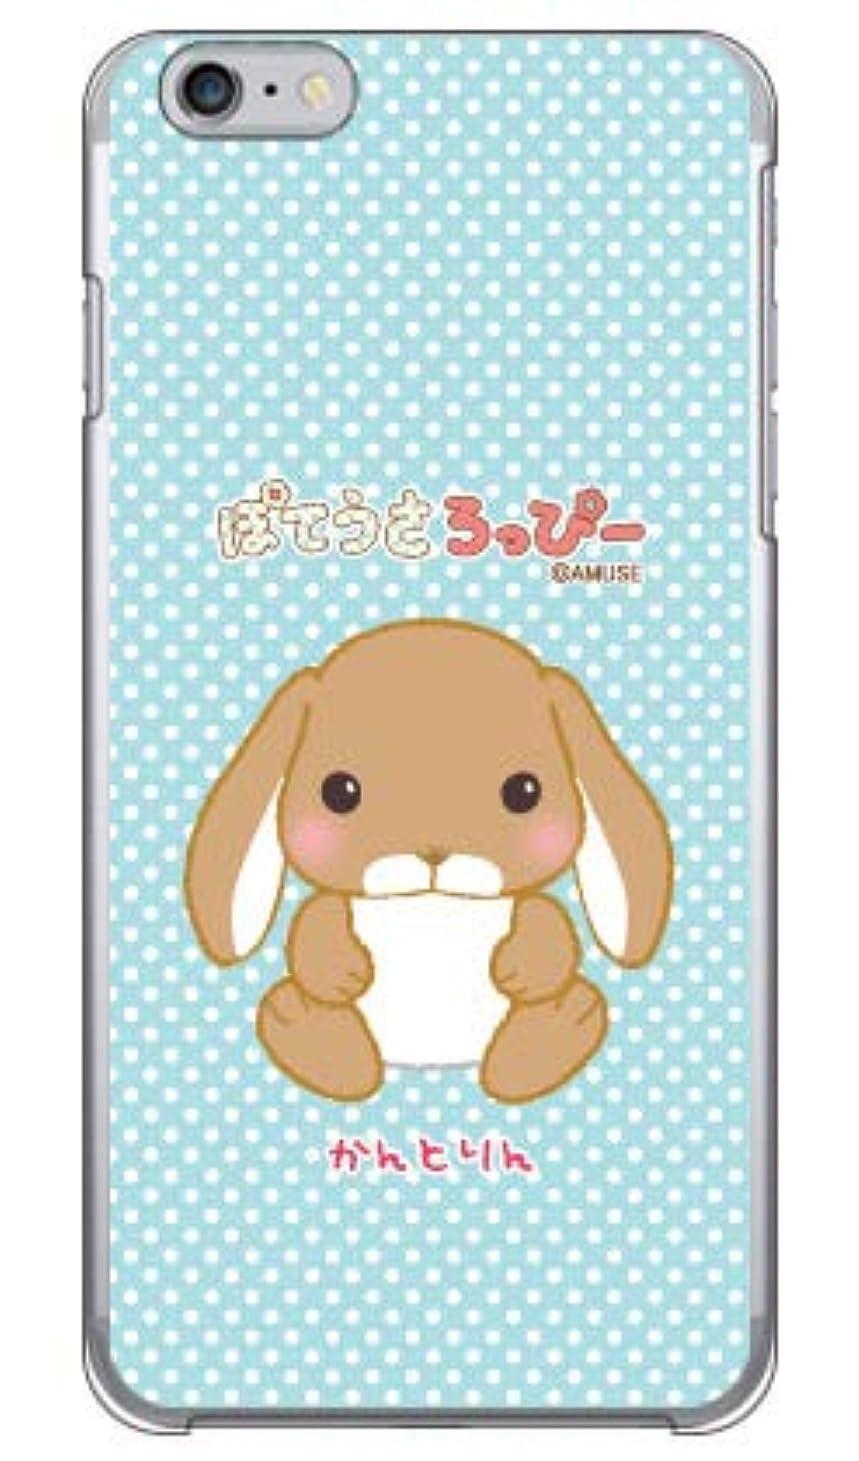 打倒会う測定可能[iPhone 6s Plus/Apple専用] スマートフォンケース ぽてうさろっぴーシリーズ かんとりん (クリア) 3AP6SL-PCNT-214-SDU4